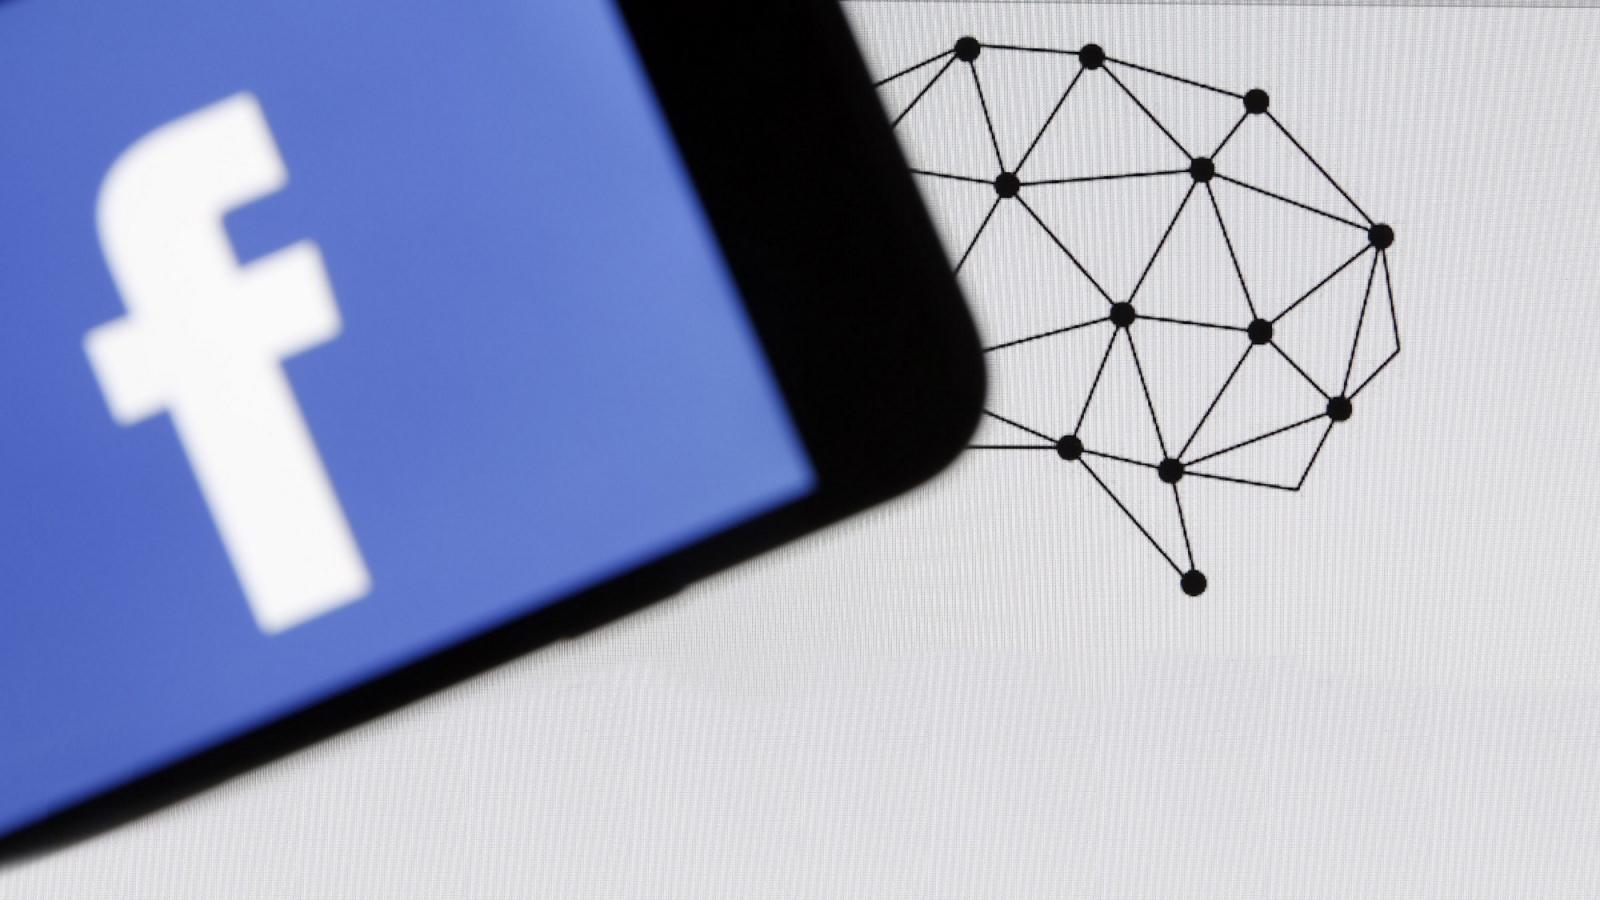 Facebook sospende 200 app che avevano accesso ai dati degli utenti thumbnail